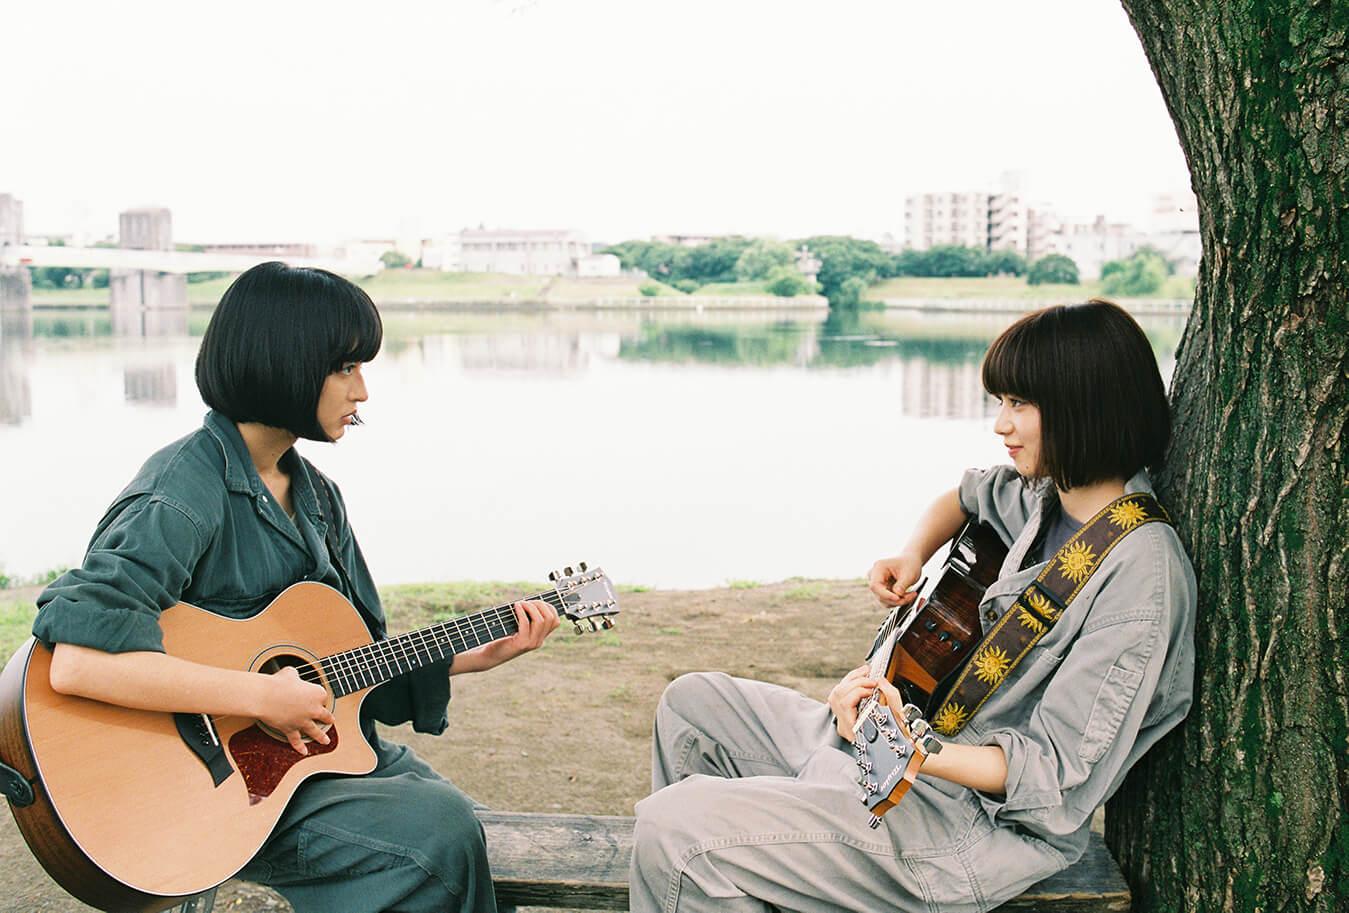 Nana Komatsu Mugi Kadowaki Kiss In New Trailer For